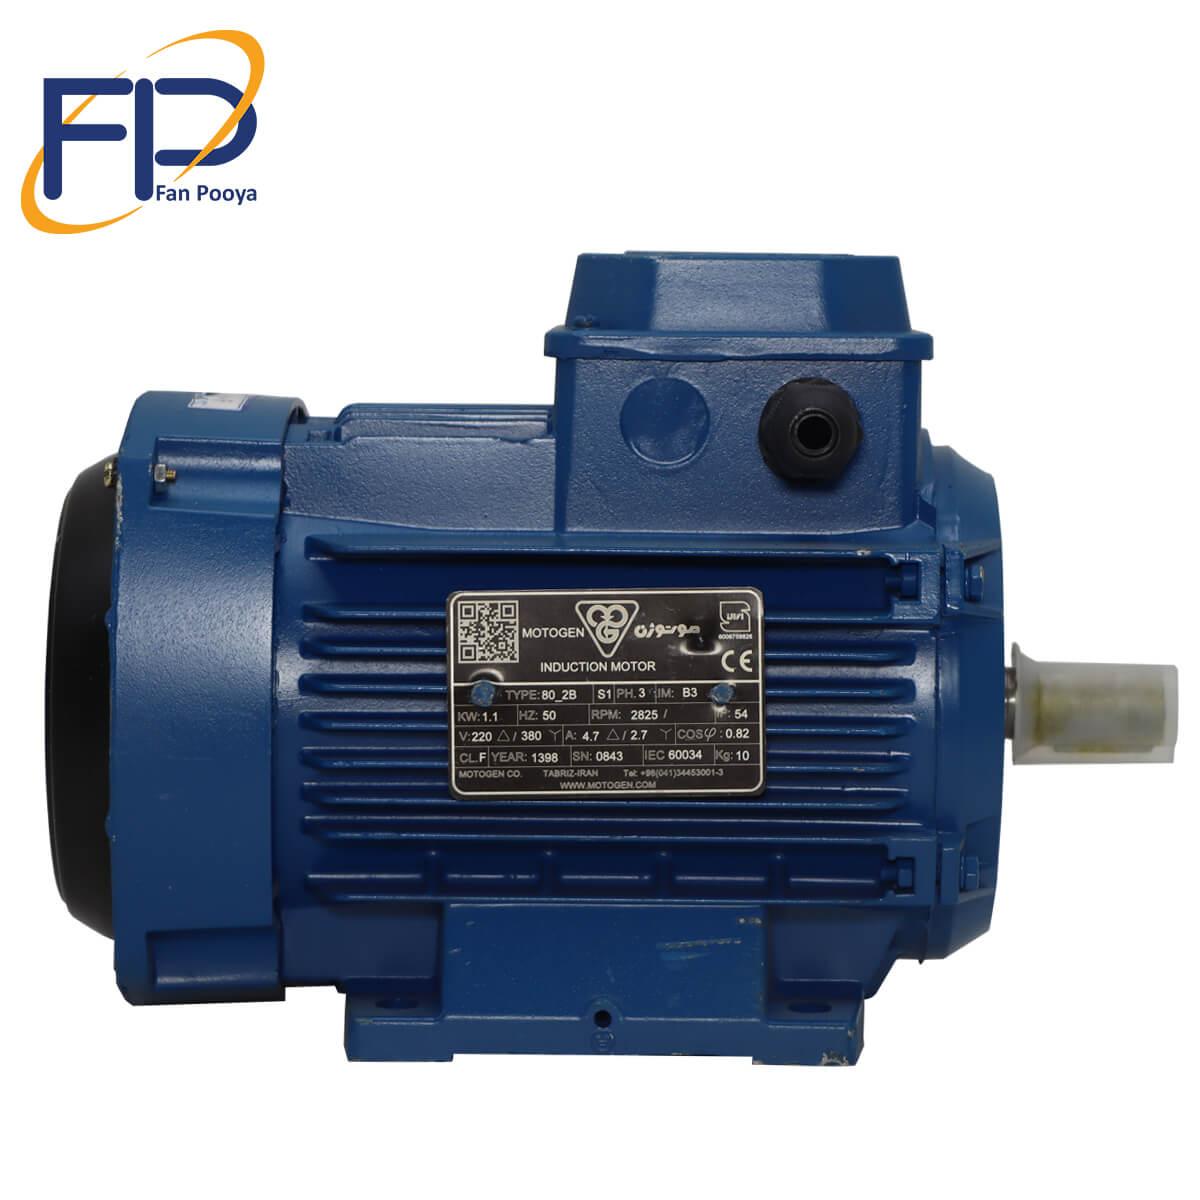 الکترو موتور موتوژن قدرت 2.2kw کیلو وات1500دور